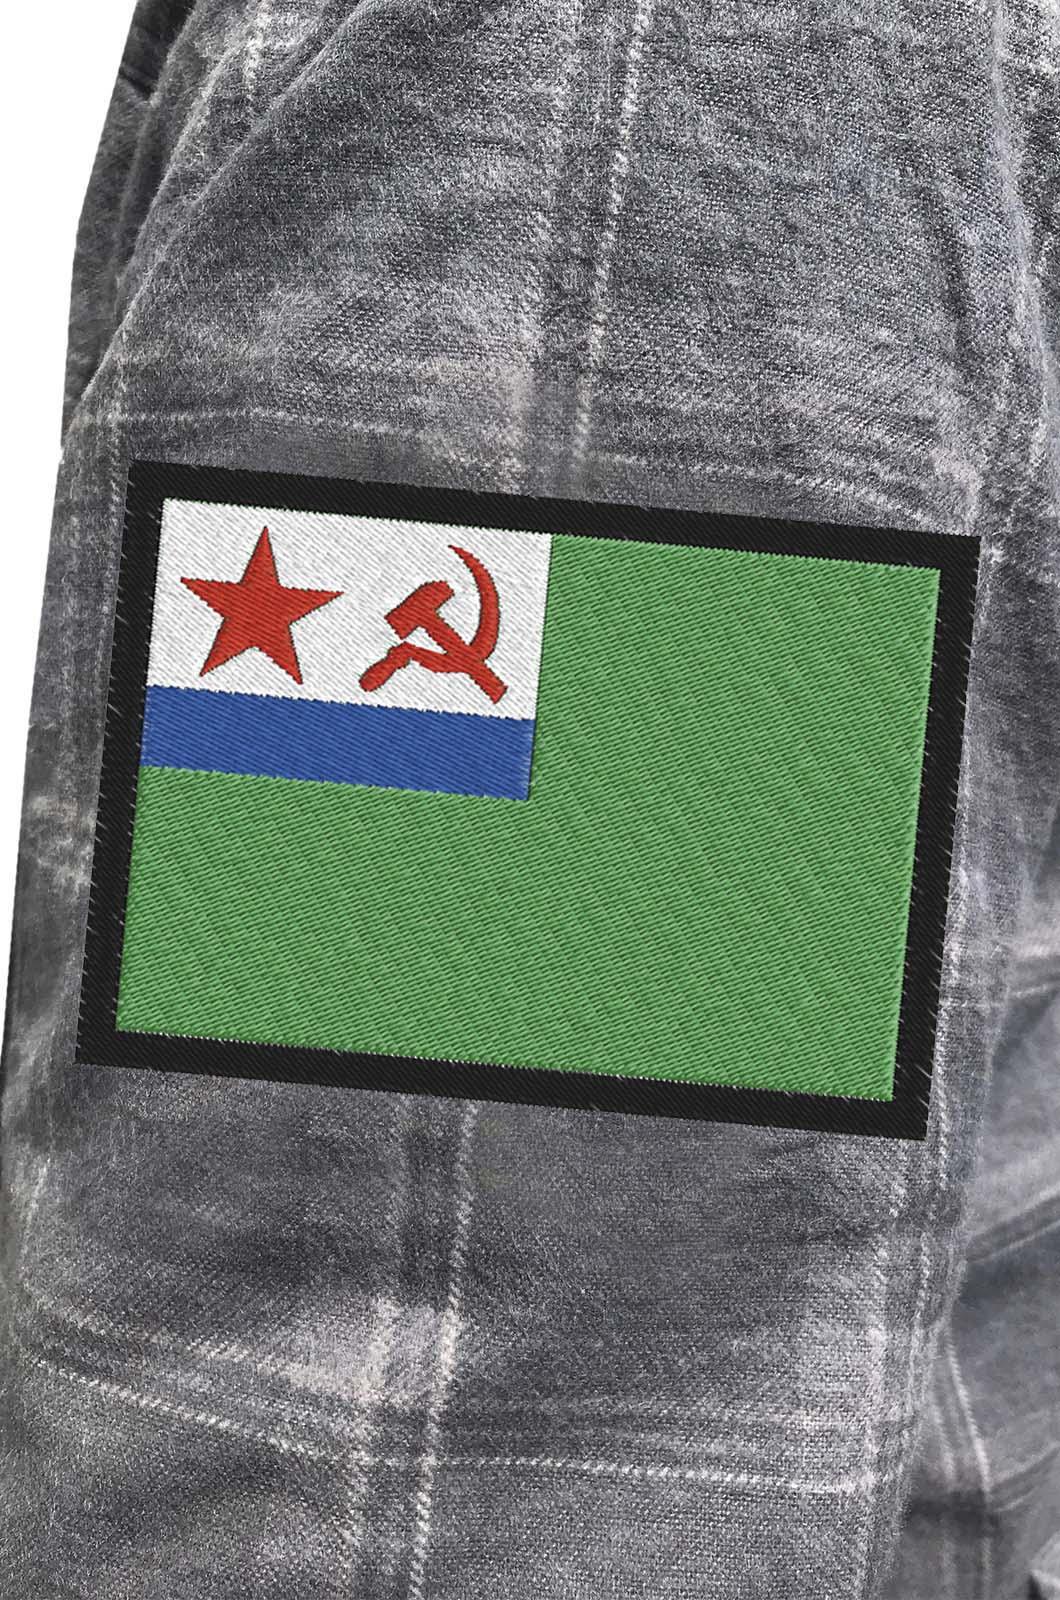 Мужская утепленная рубашка с вышитым шевроном МЧПВ СССР - заказать в розницу